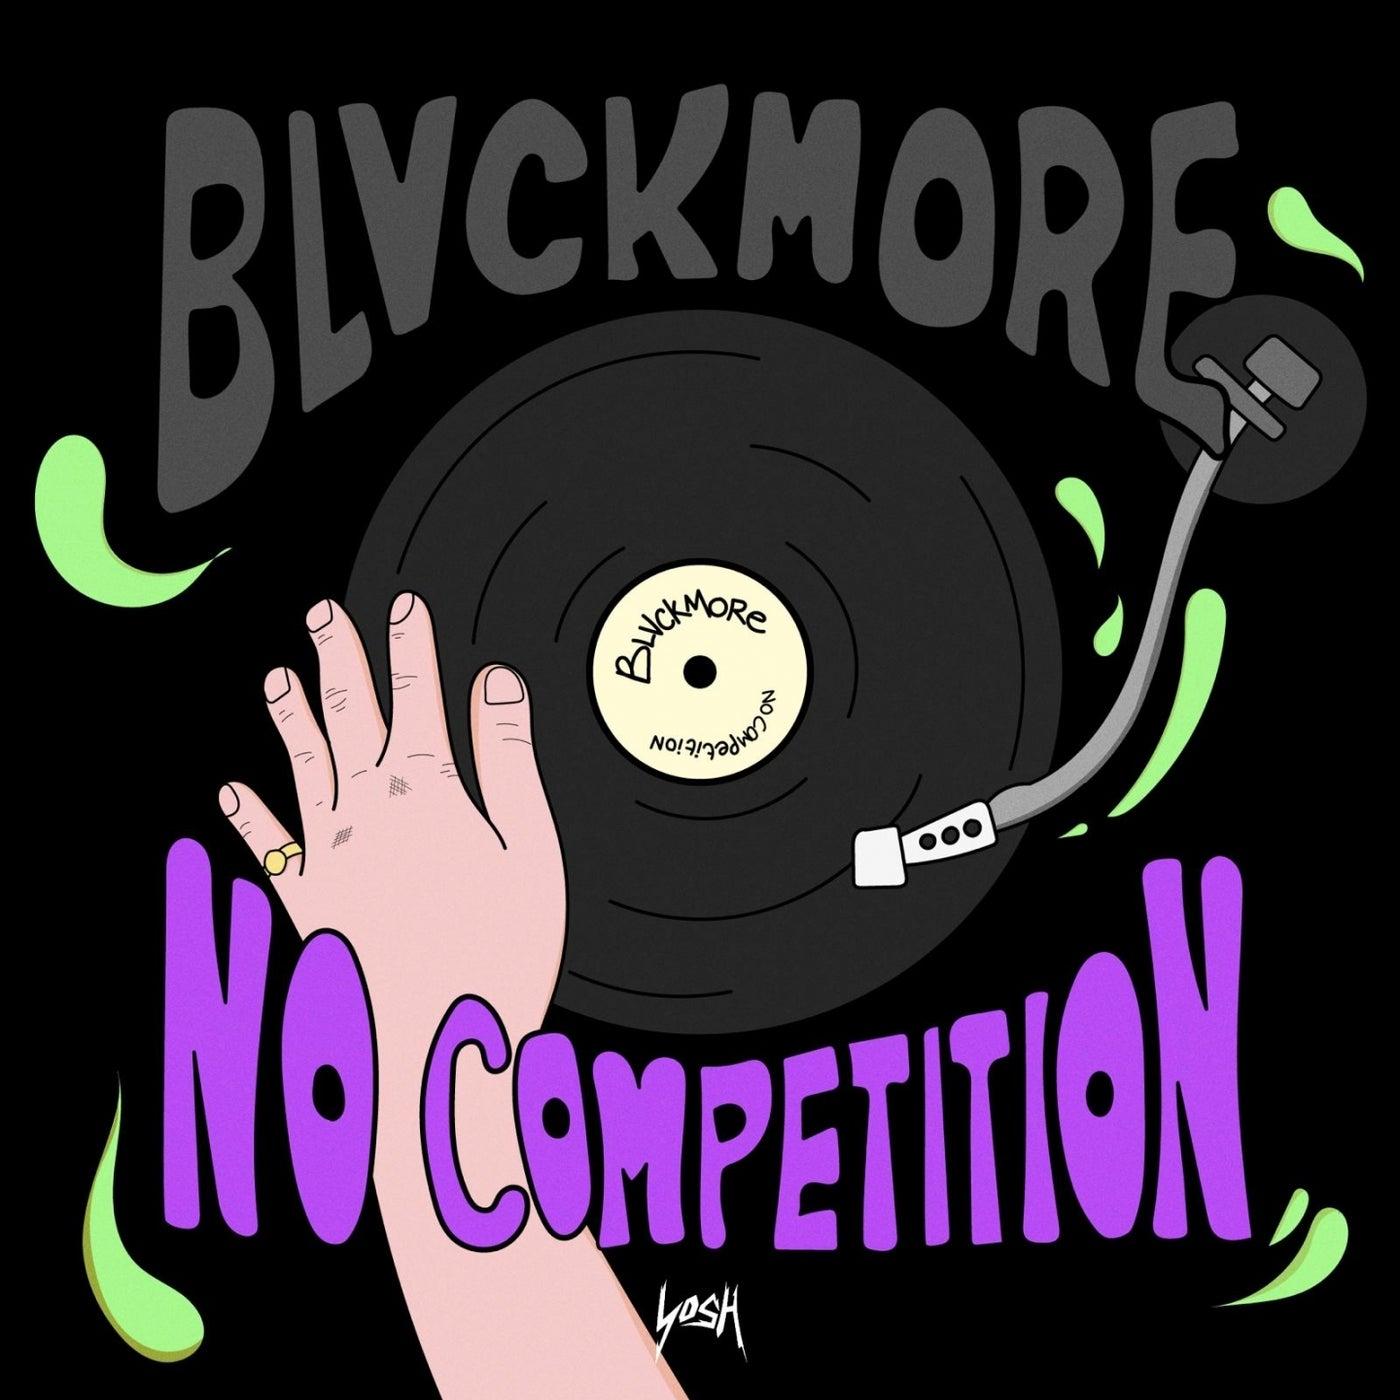 No Competiton (Original Mix)